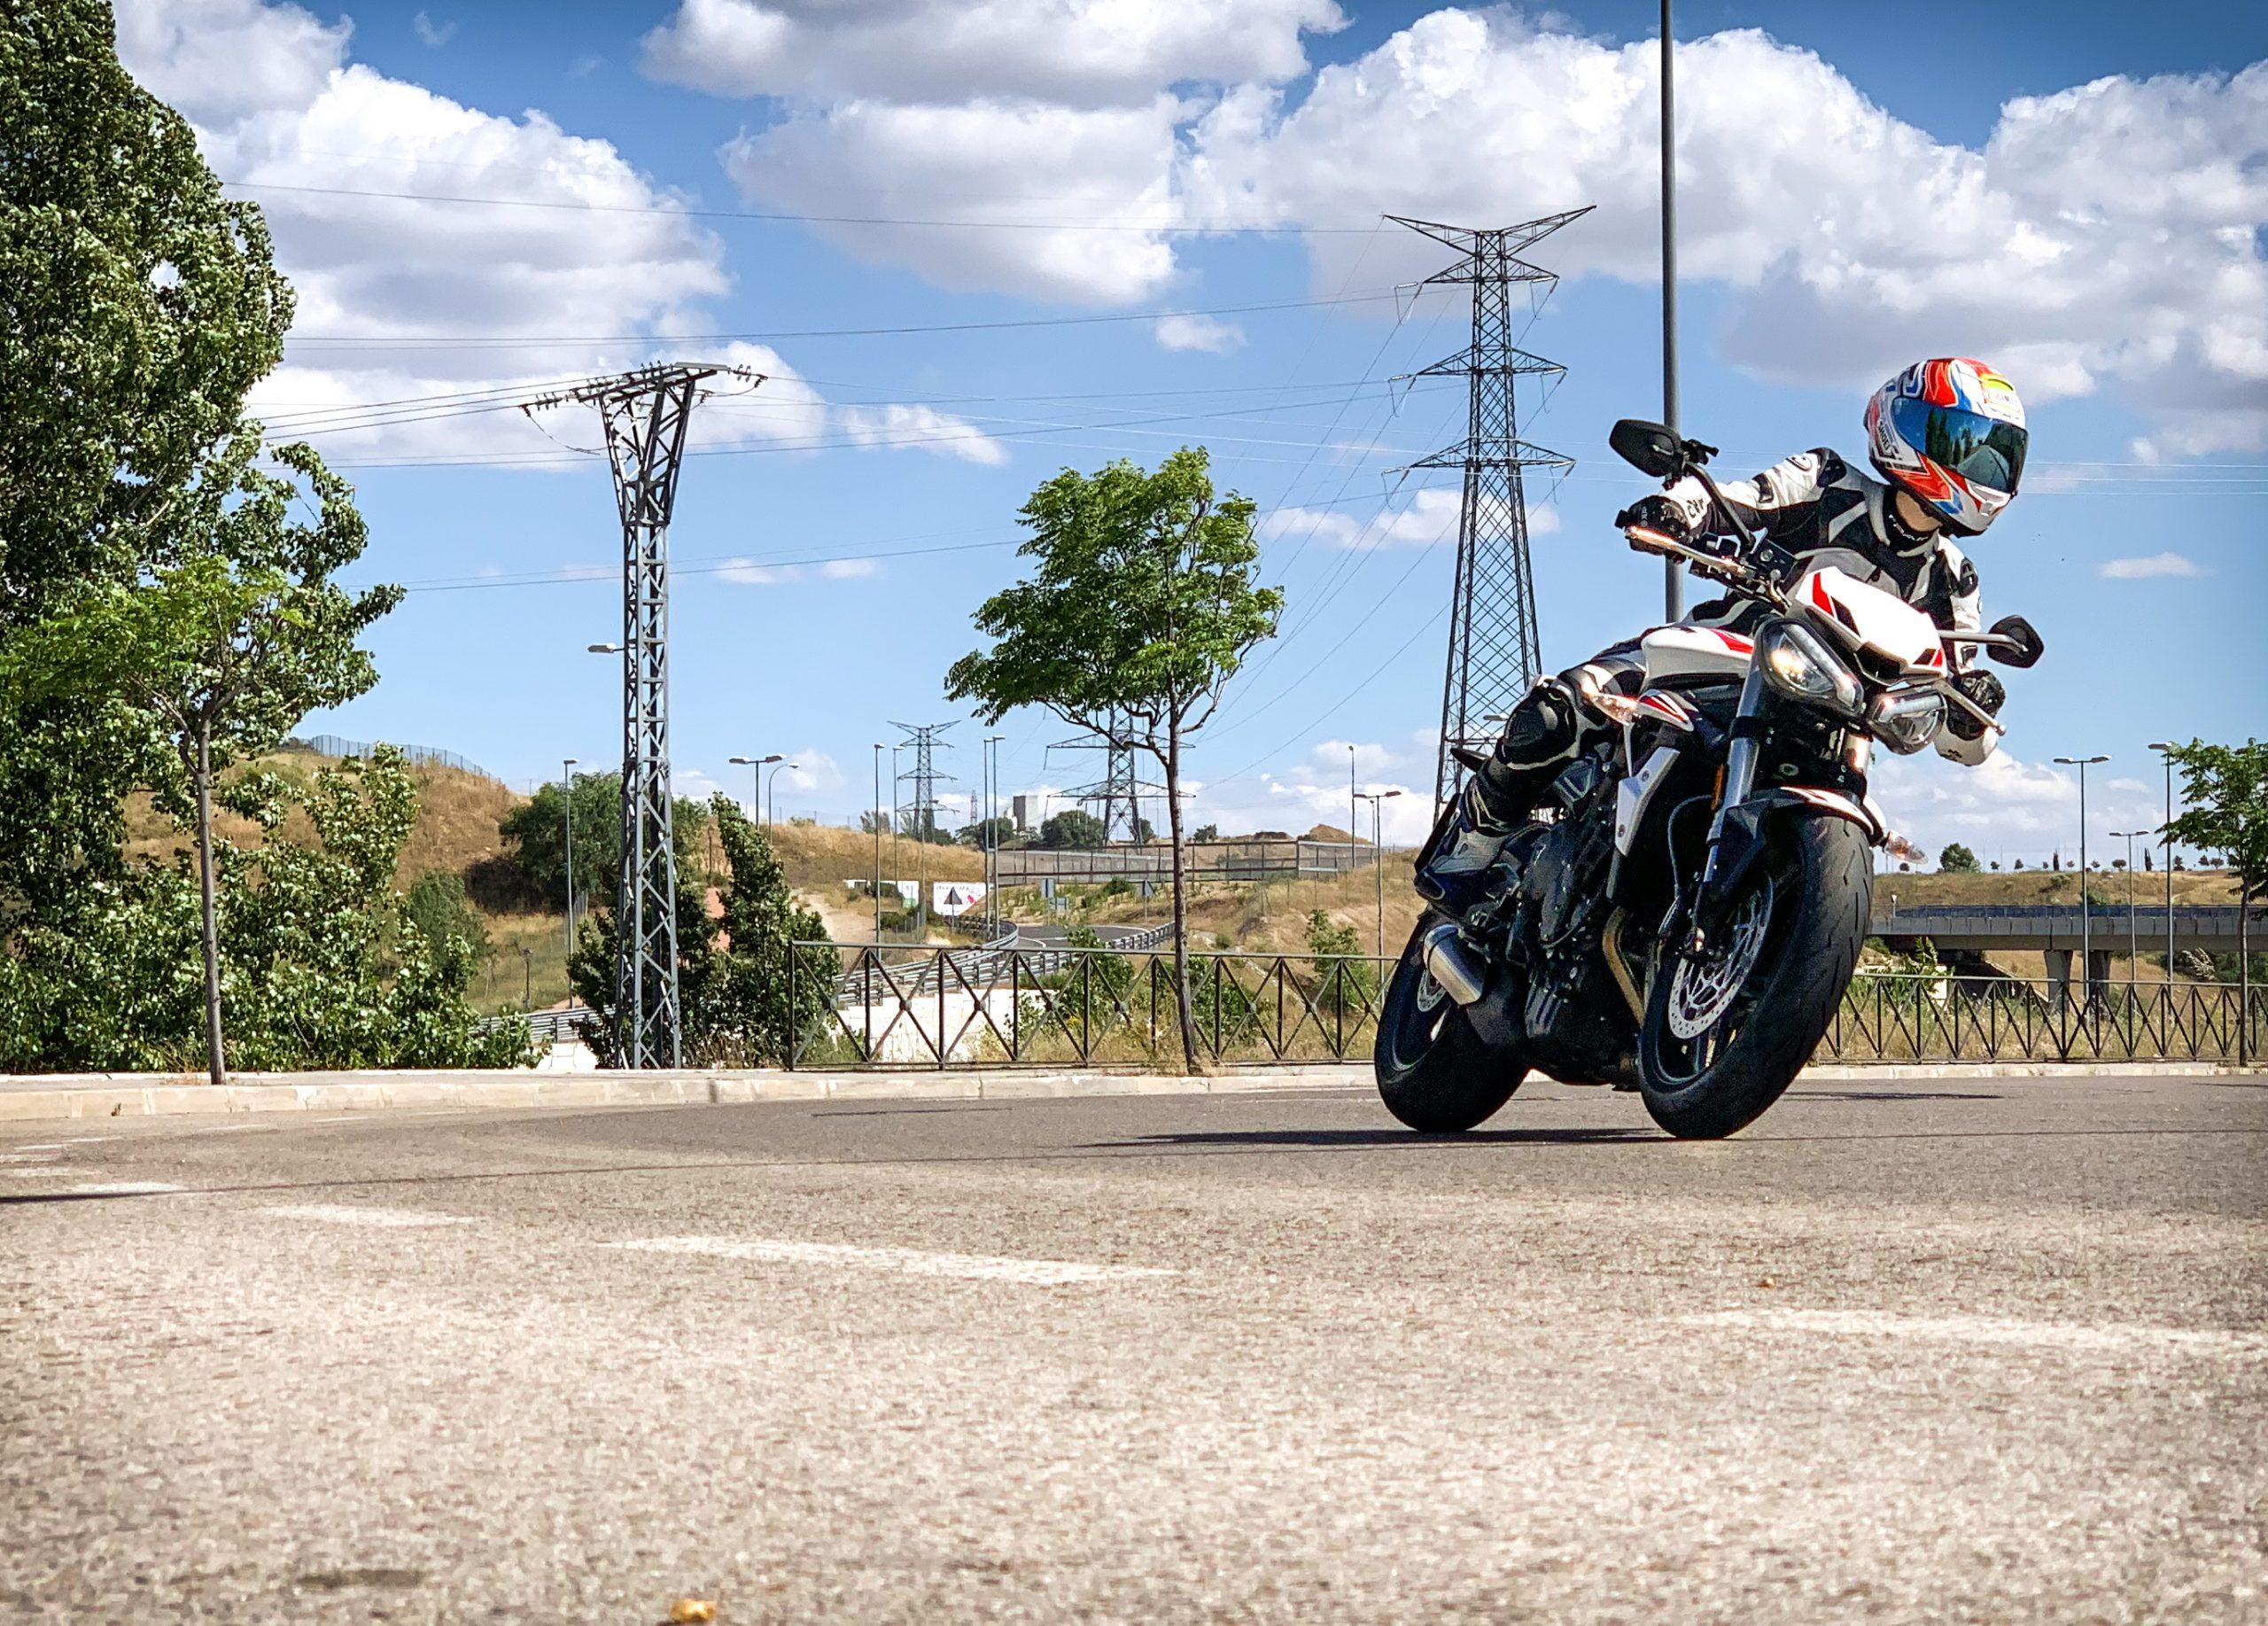 Triumph Street Triple S 2020: una moto sorprendente para el Carnet A2